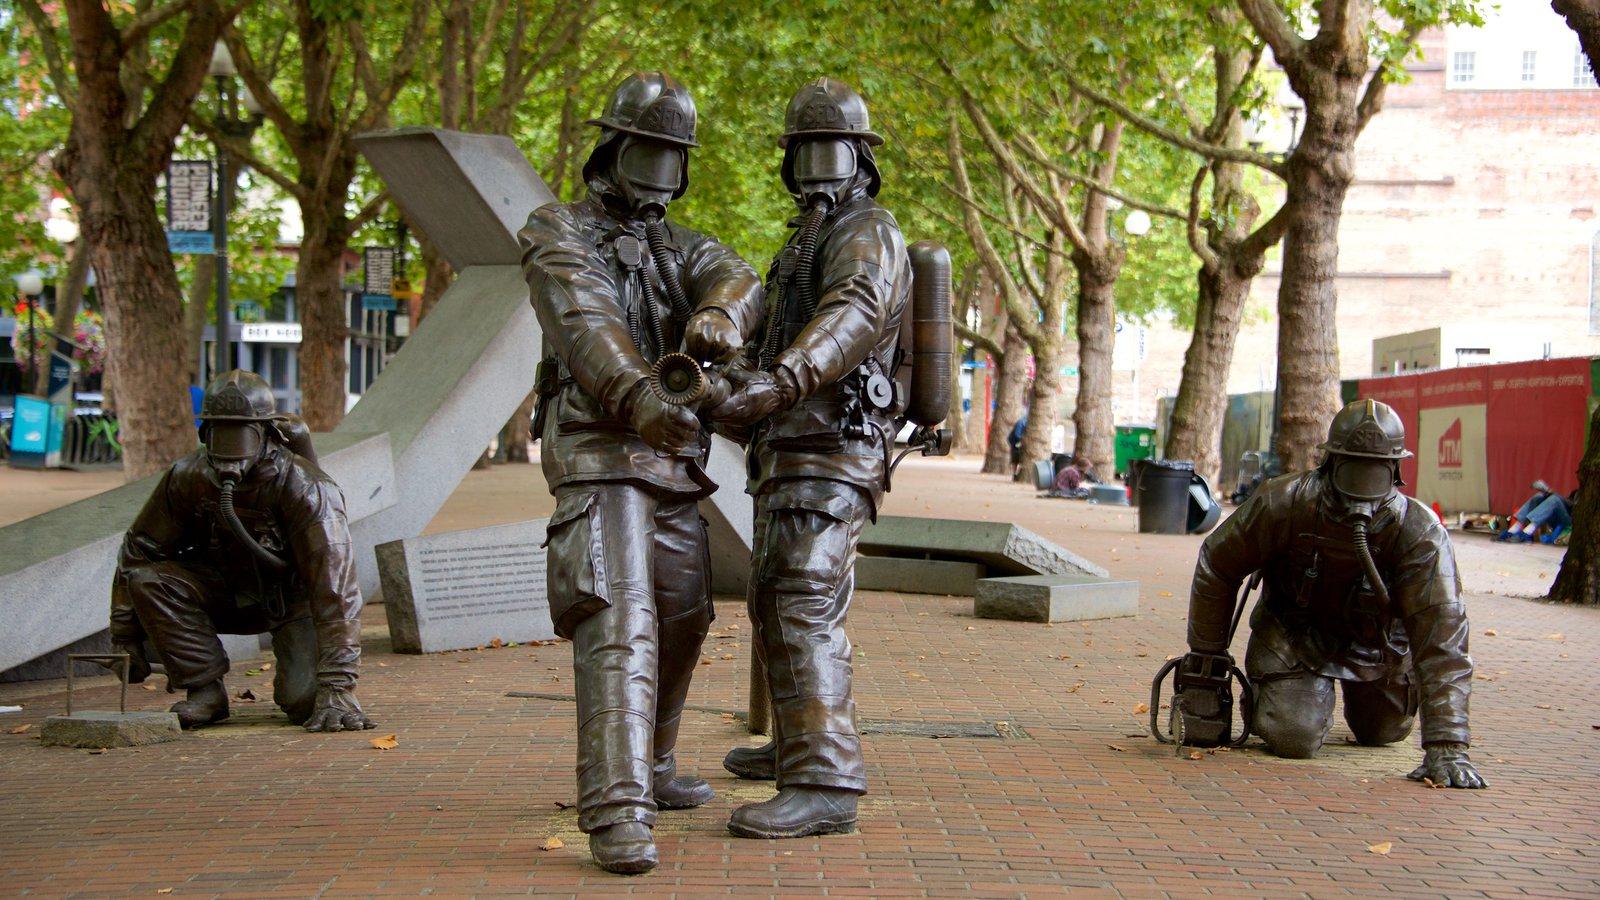 Pioneer Square caracterizando arte ao ar livre e uma estátua ou escultura